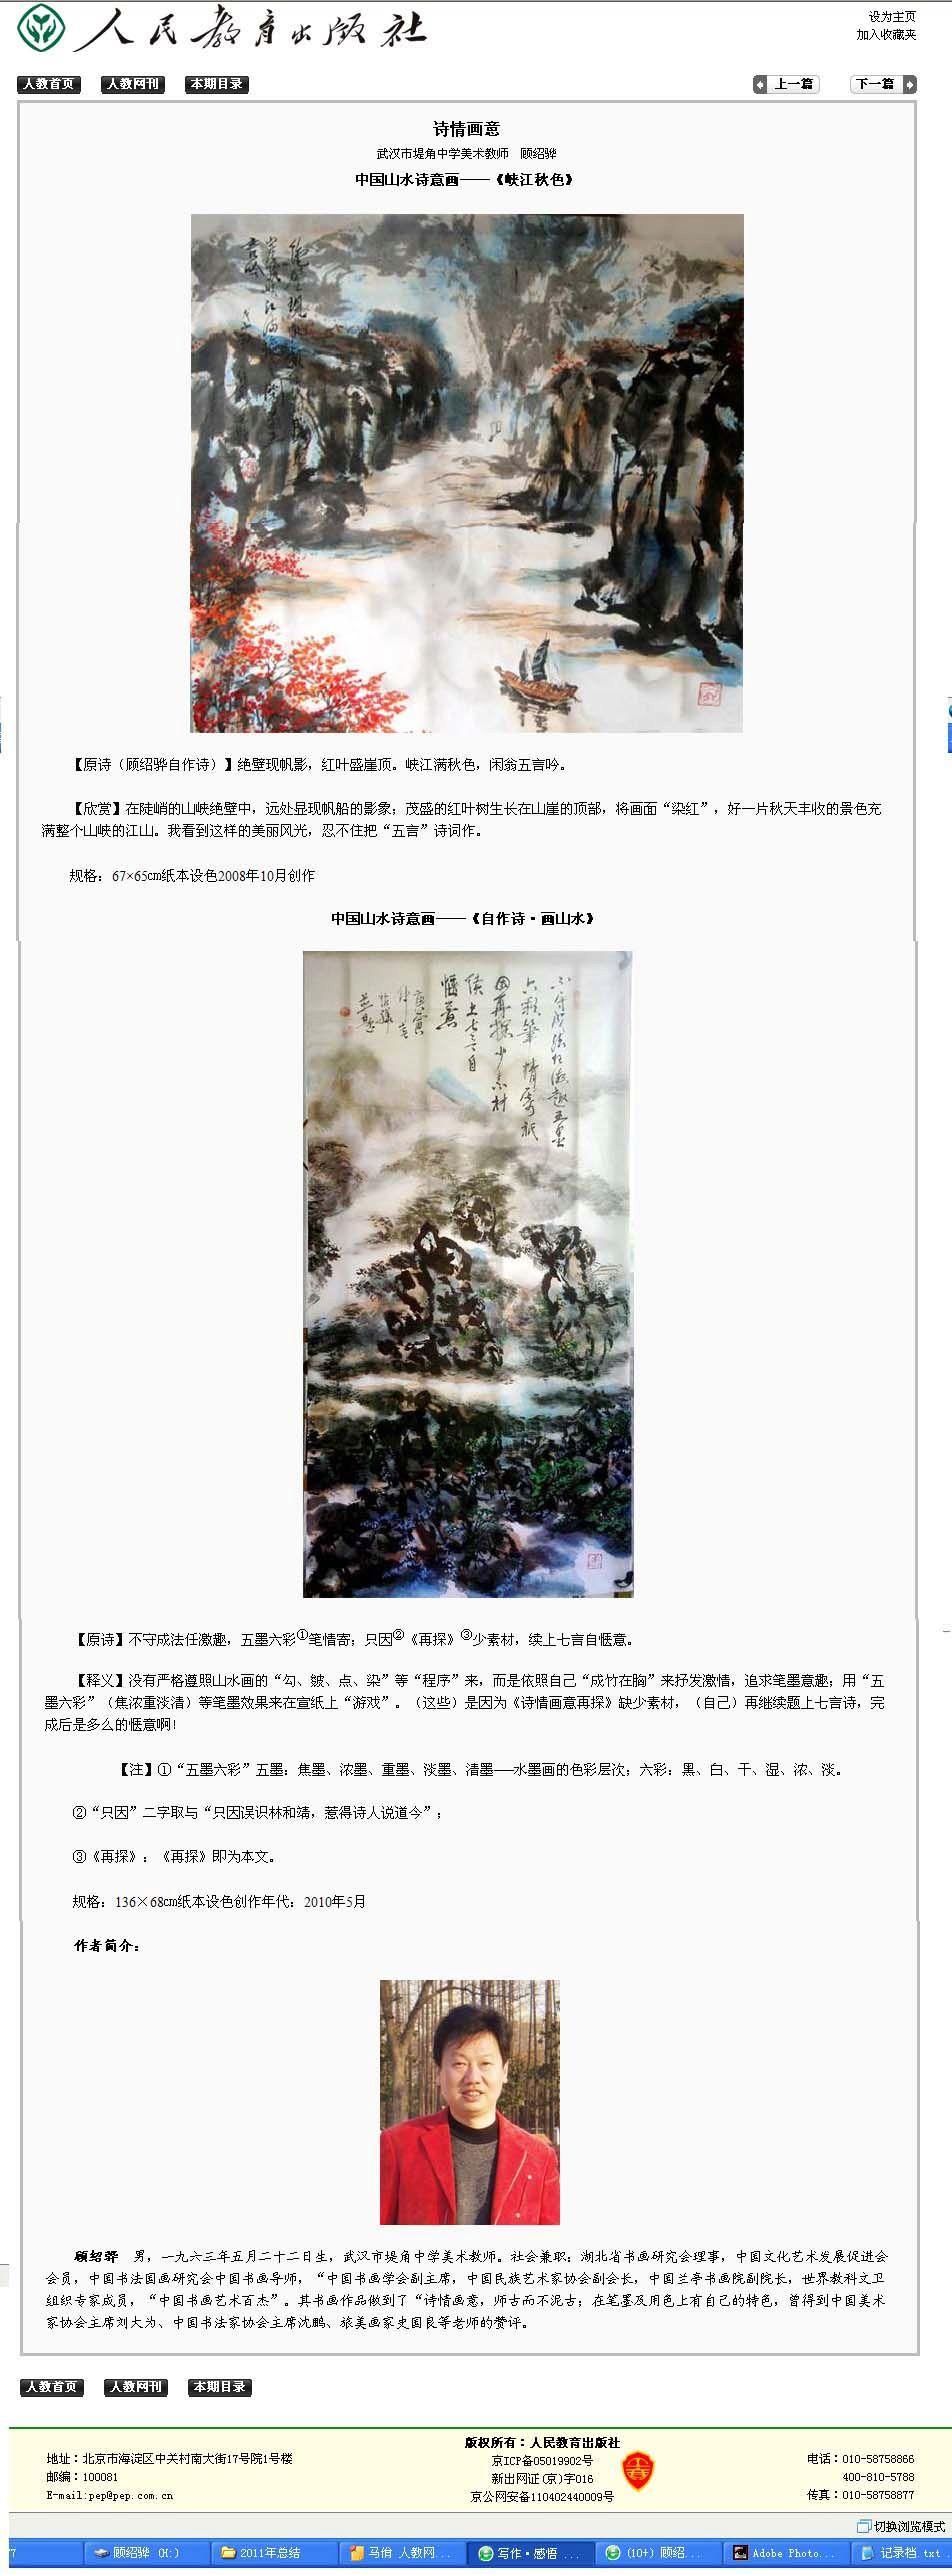 中国权威教育网——人教网发表了顾绍骅诗情画意作品_图1-1